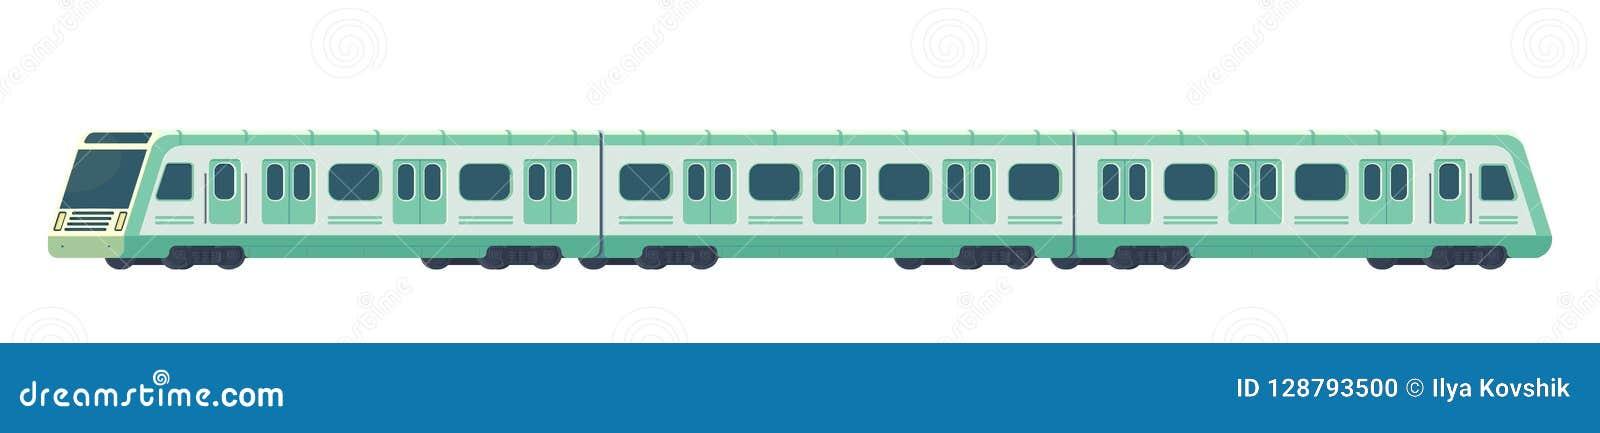 Σύγχρονο ηλεκτρικό μεγάλο τραίνο Passanger Μεταφορά υπογείων ή μετρό σιδηροδρόμων Υπόγεια διανυσματική απεικόνιση τραίνων